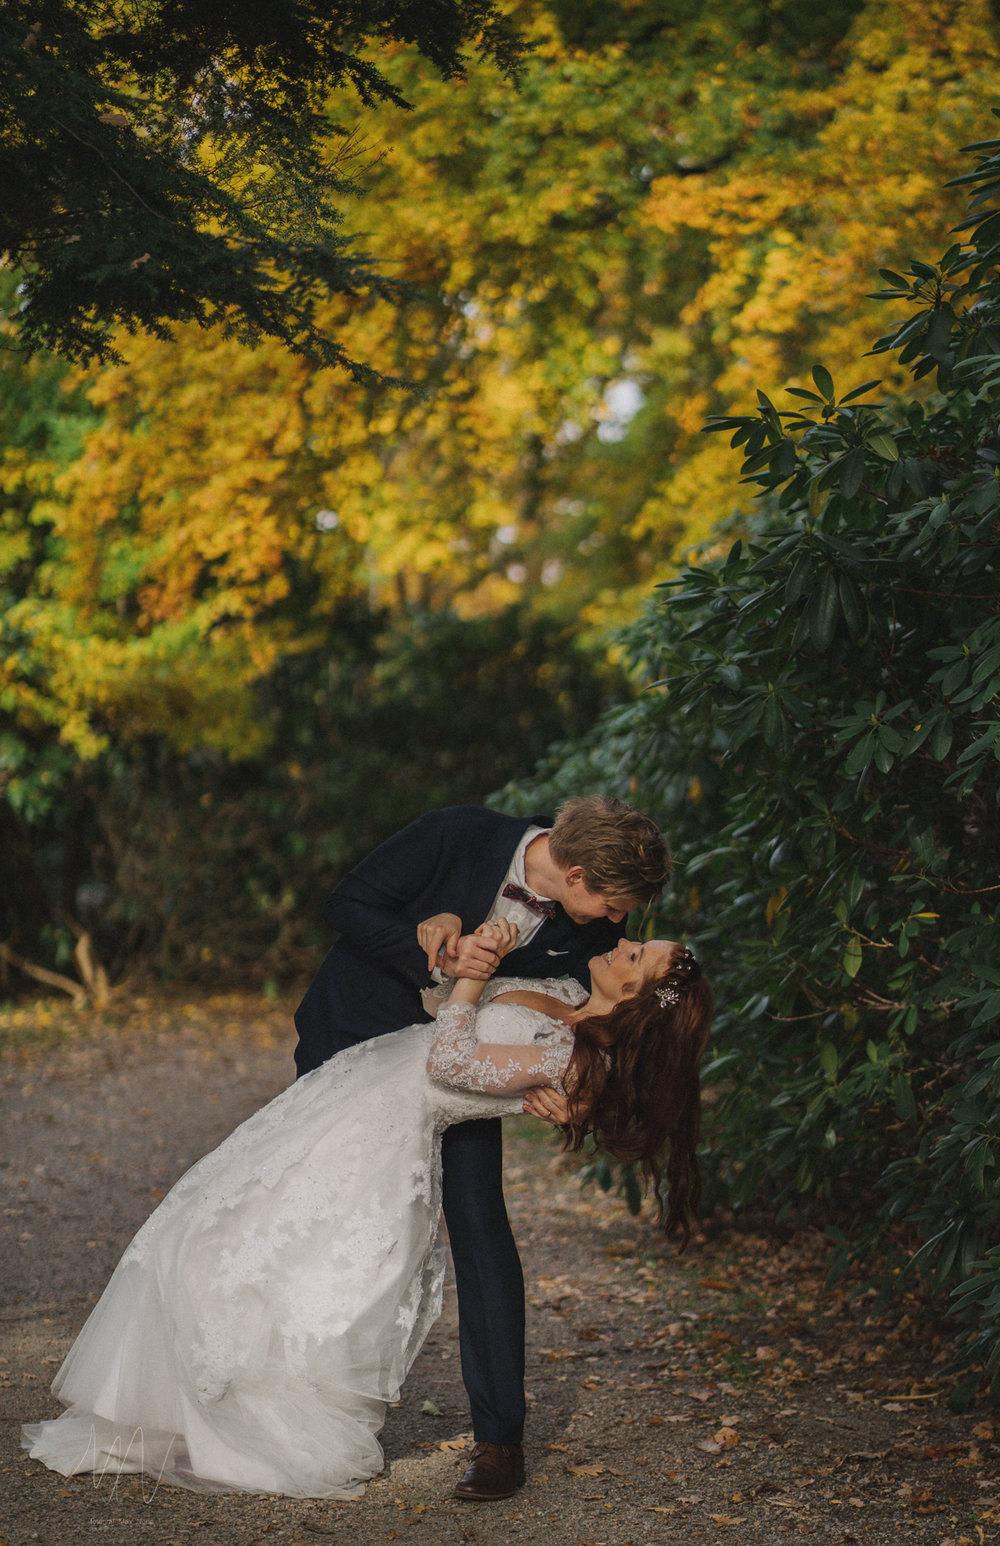 Bröllopsfoto-13okt-fotograf-max-norin-708.jpg